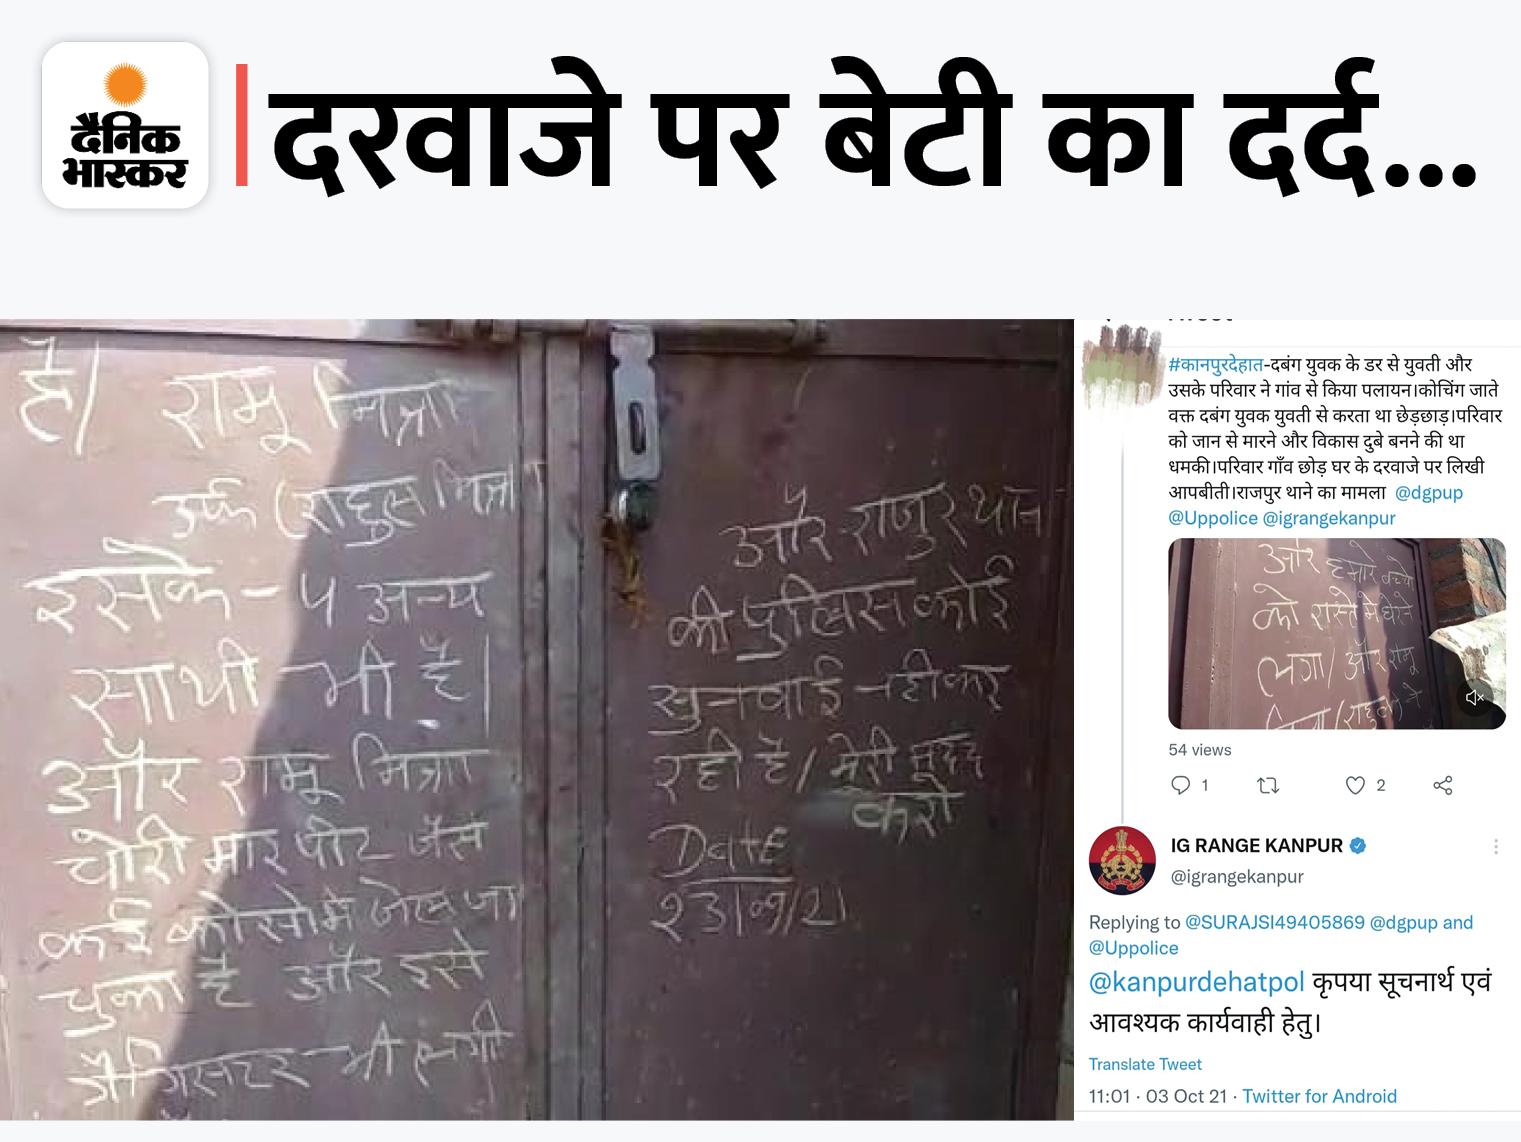 कानपुर देहात में स्कूल आते-जाते किशोरी को छेड़ता था दबंग युवक, दरवाजे पर युवक की करतूत लिख पलायन कर गए सभी|कानपुर देहात,Kanpur Dehat - Dainik Bhaskar